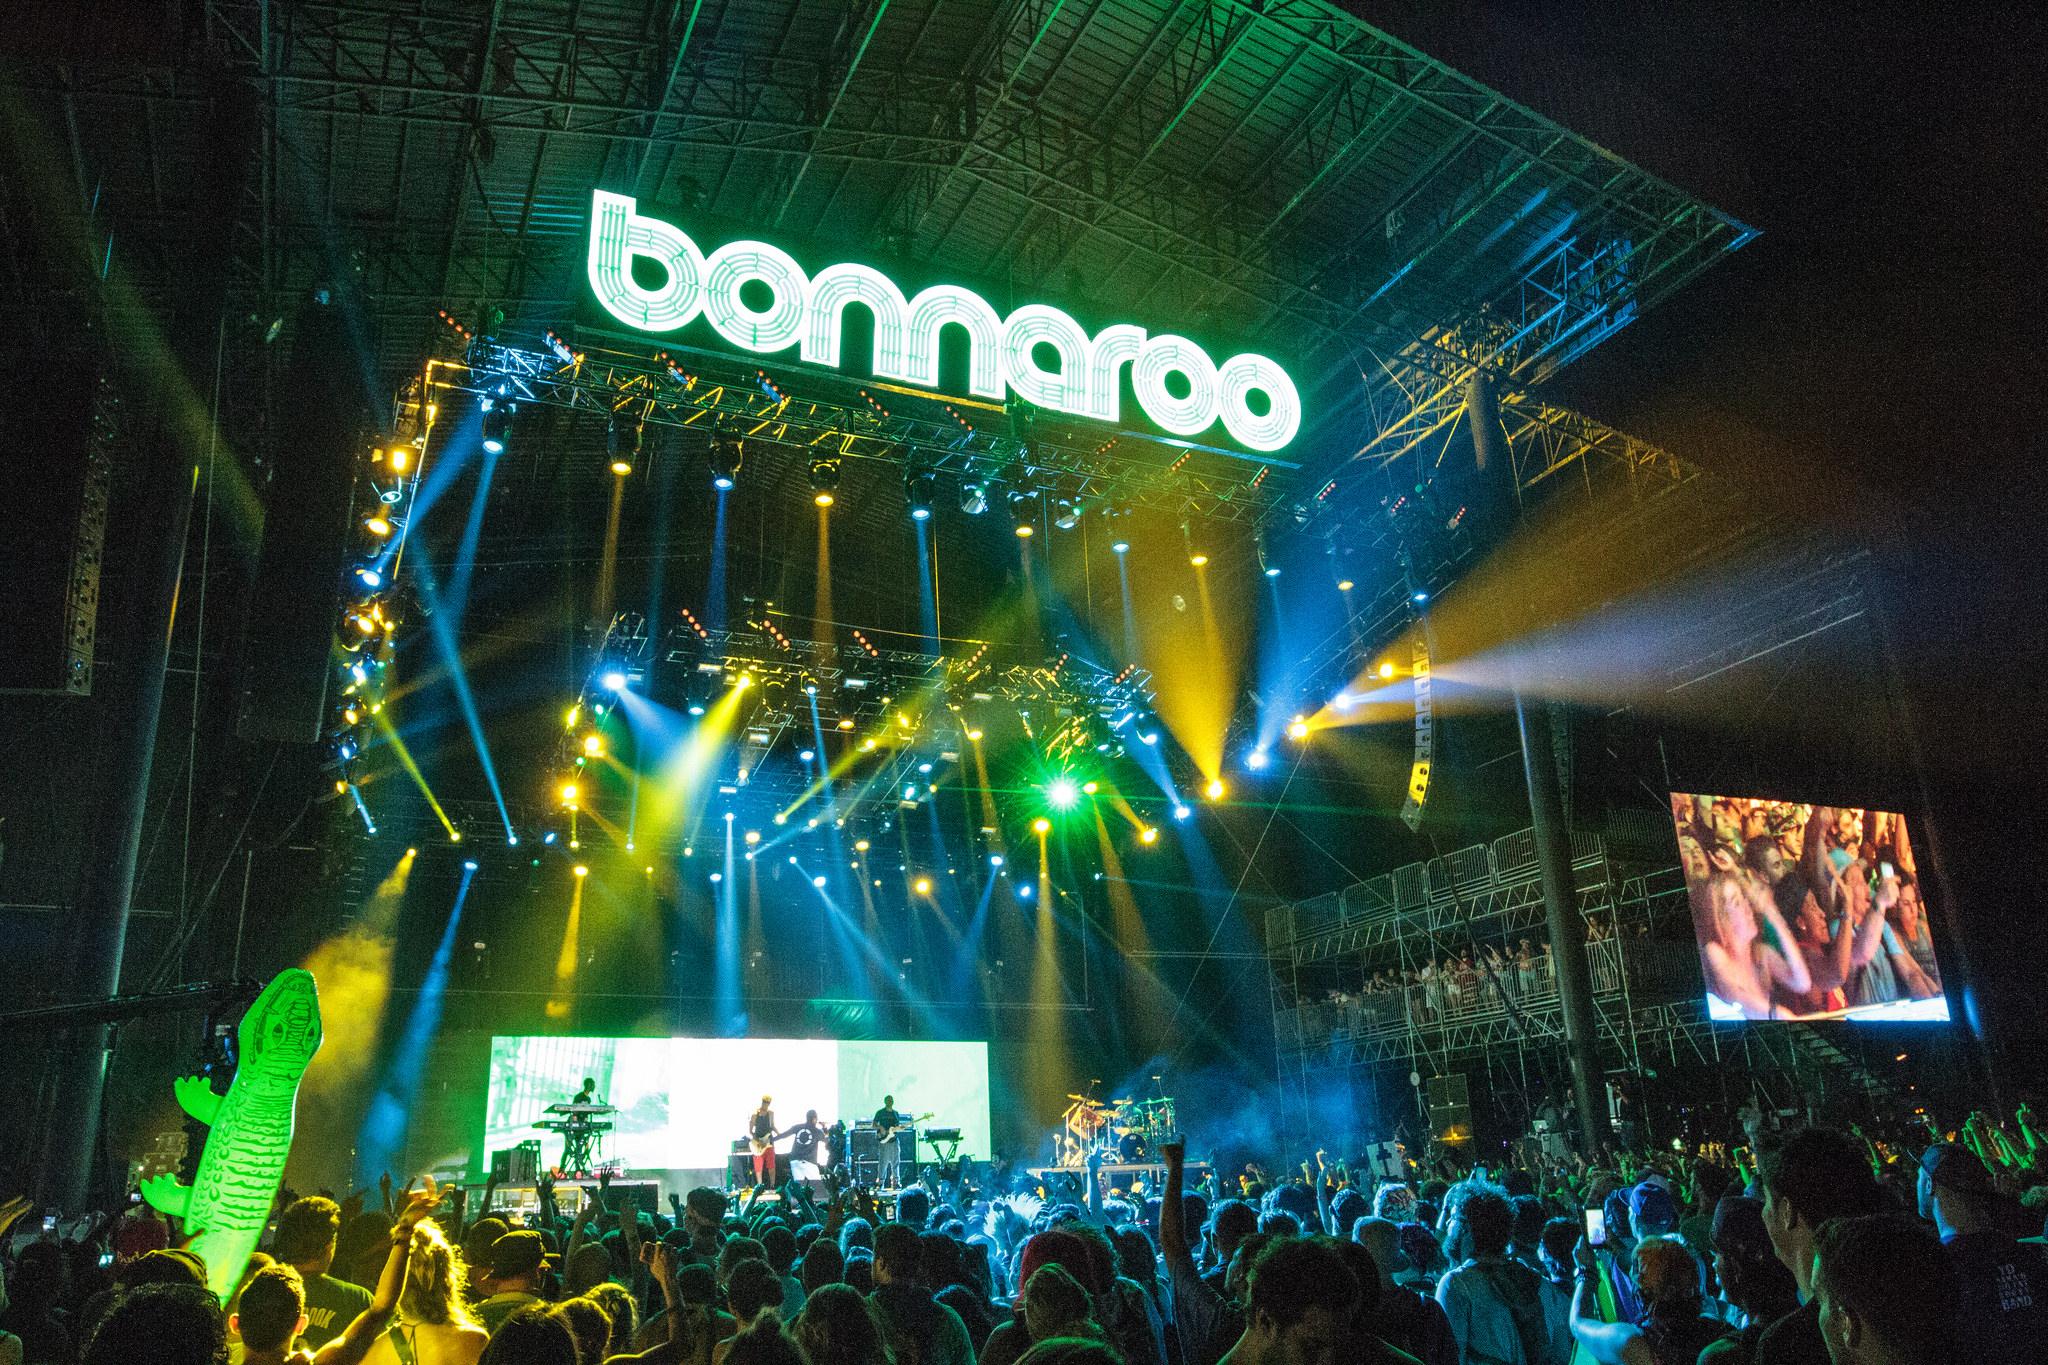 Bonnaroo 2016 Lineup Predictions Secret @KoolGadgetz.com